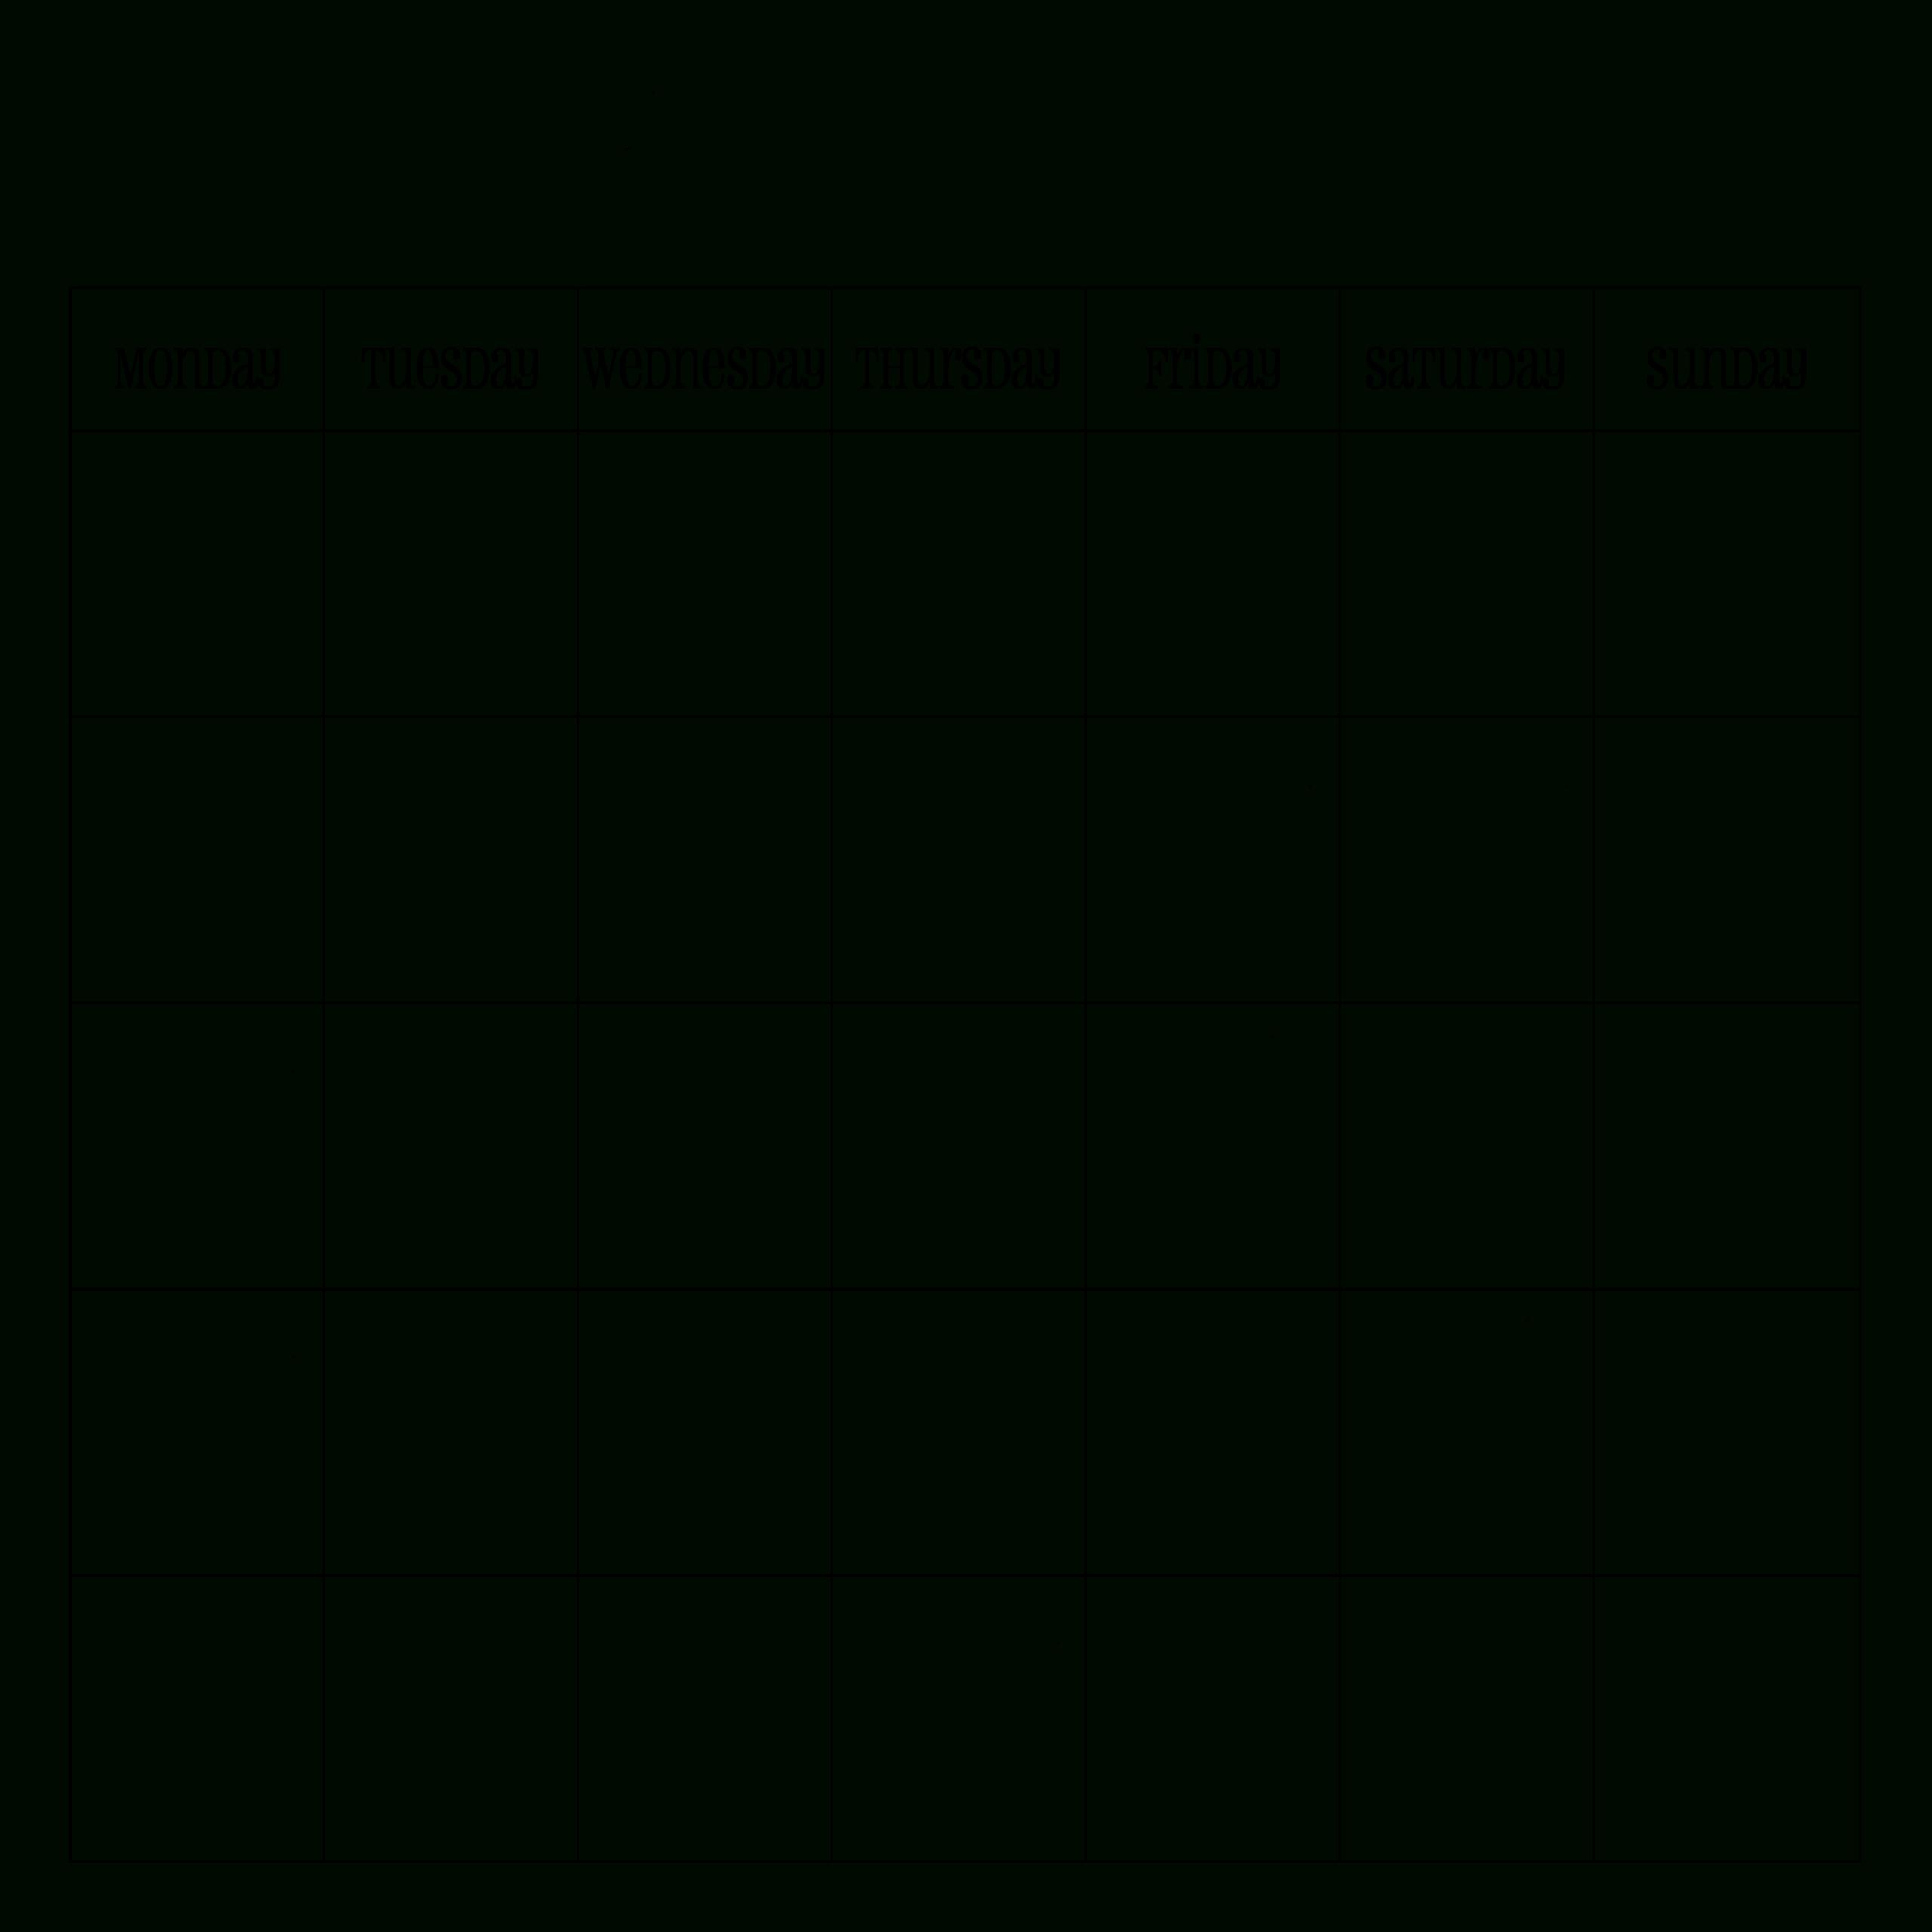 Printable Blank Calendar Template Word, Excel, Pdf with regard to One Week Calendar Template Word